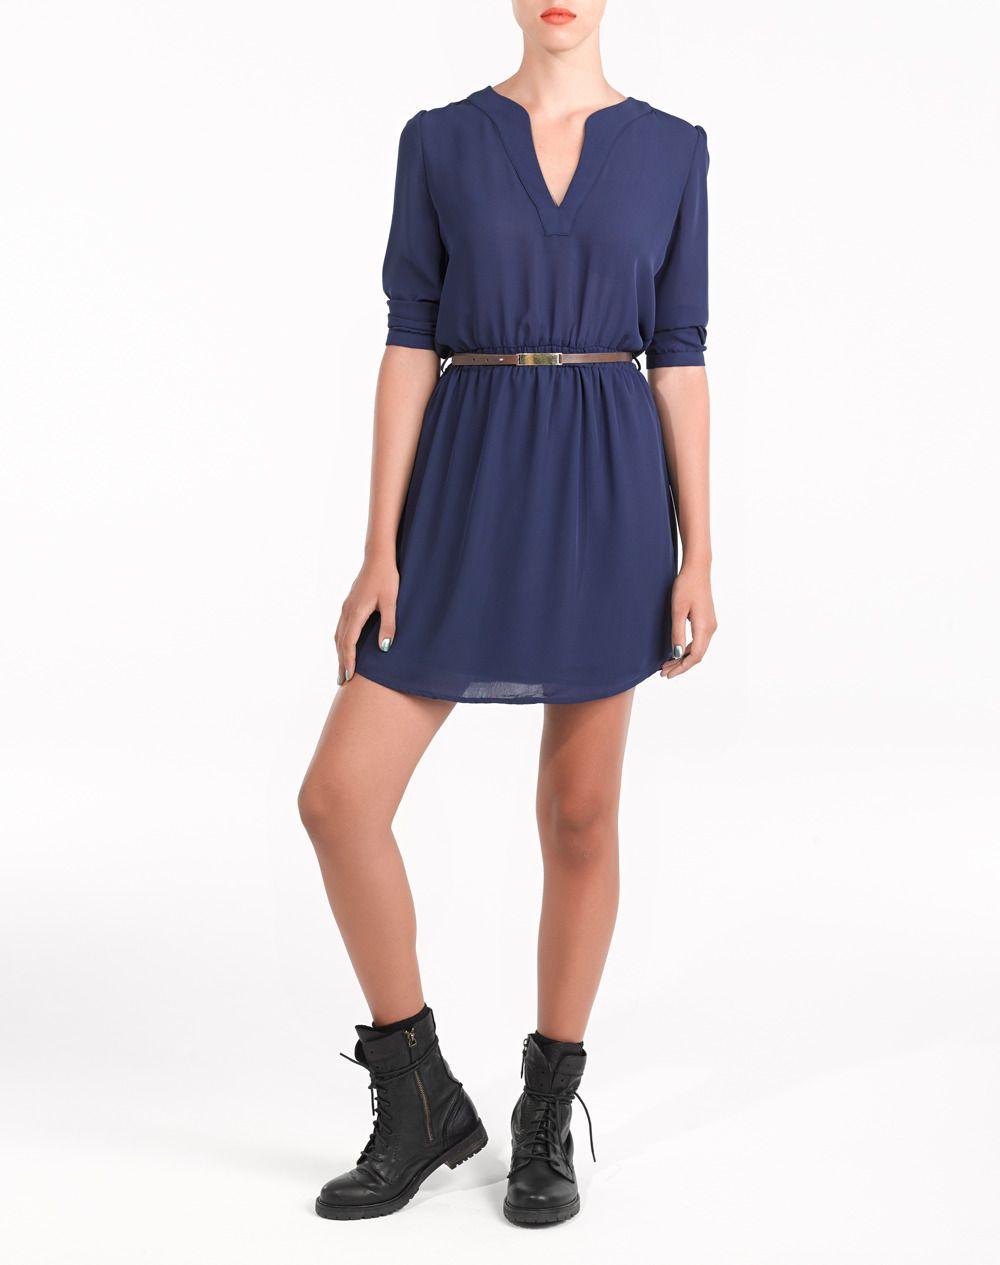 59c990127 Vestido Fórmul  Joven - Mujer - Vestidos - El Corte Inglés - Moda